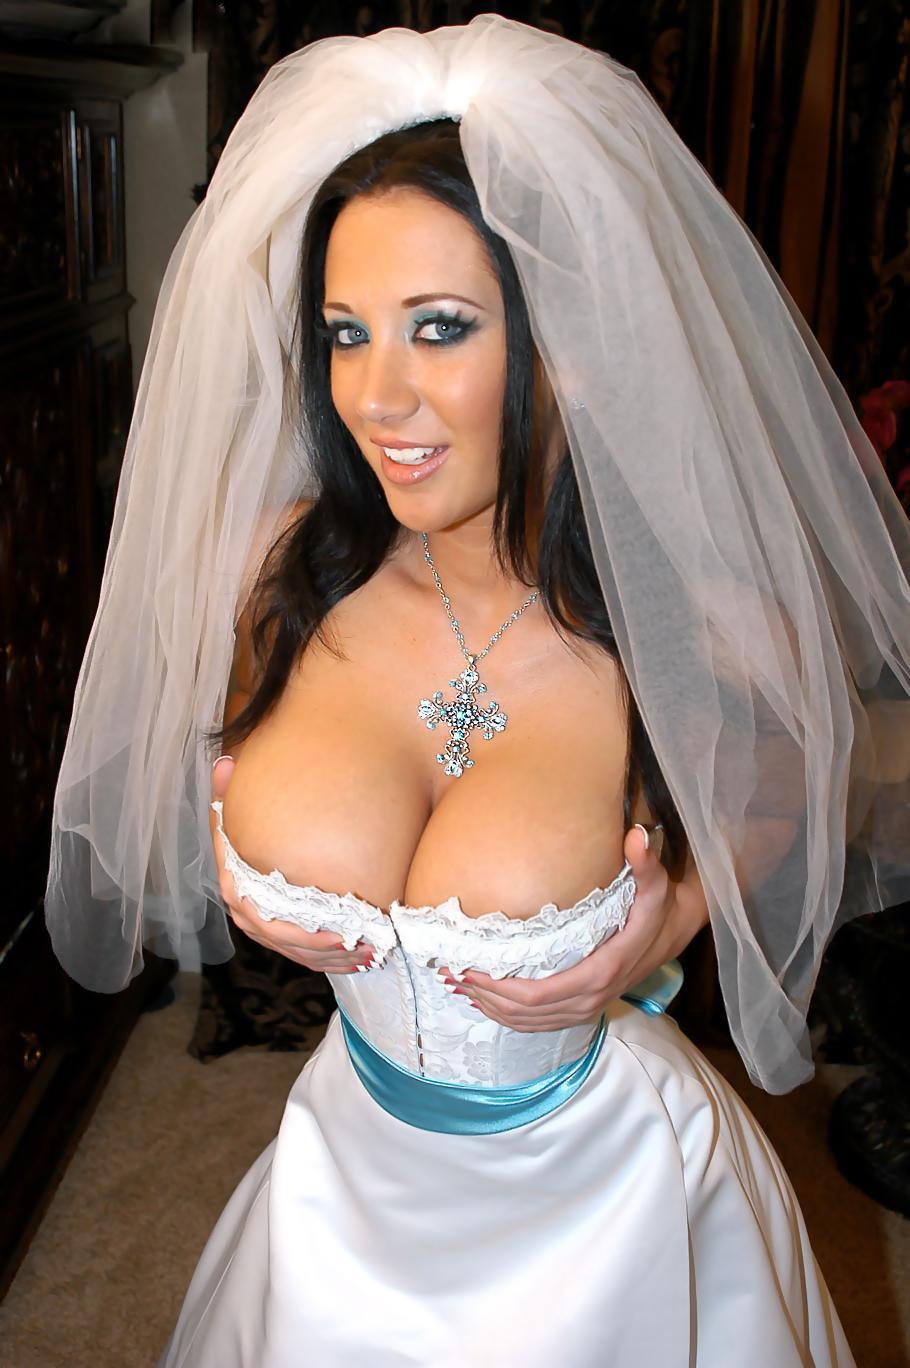 sexy+bride+(1).jpg